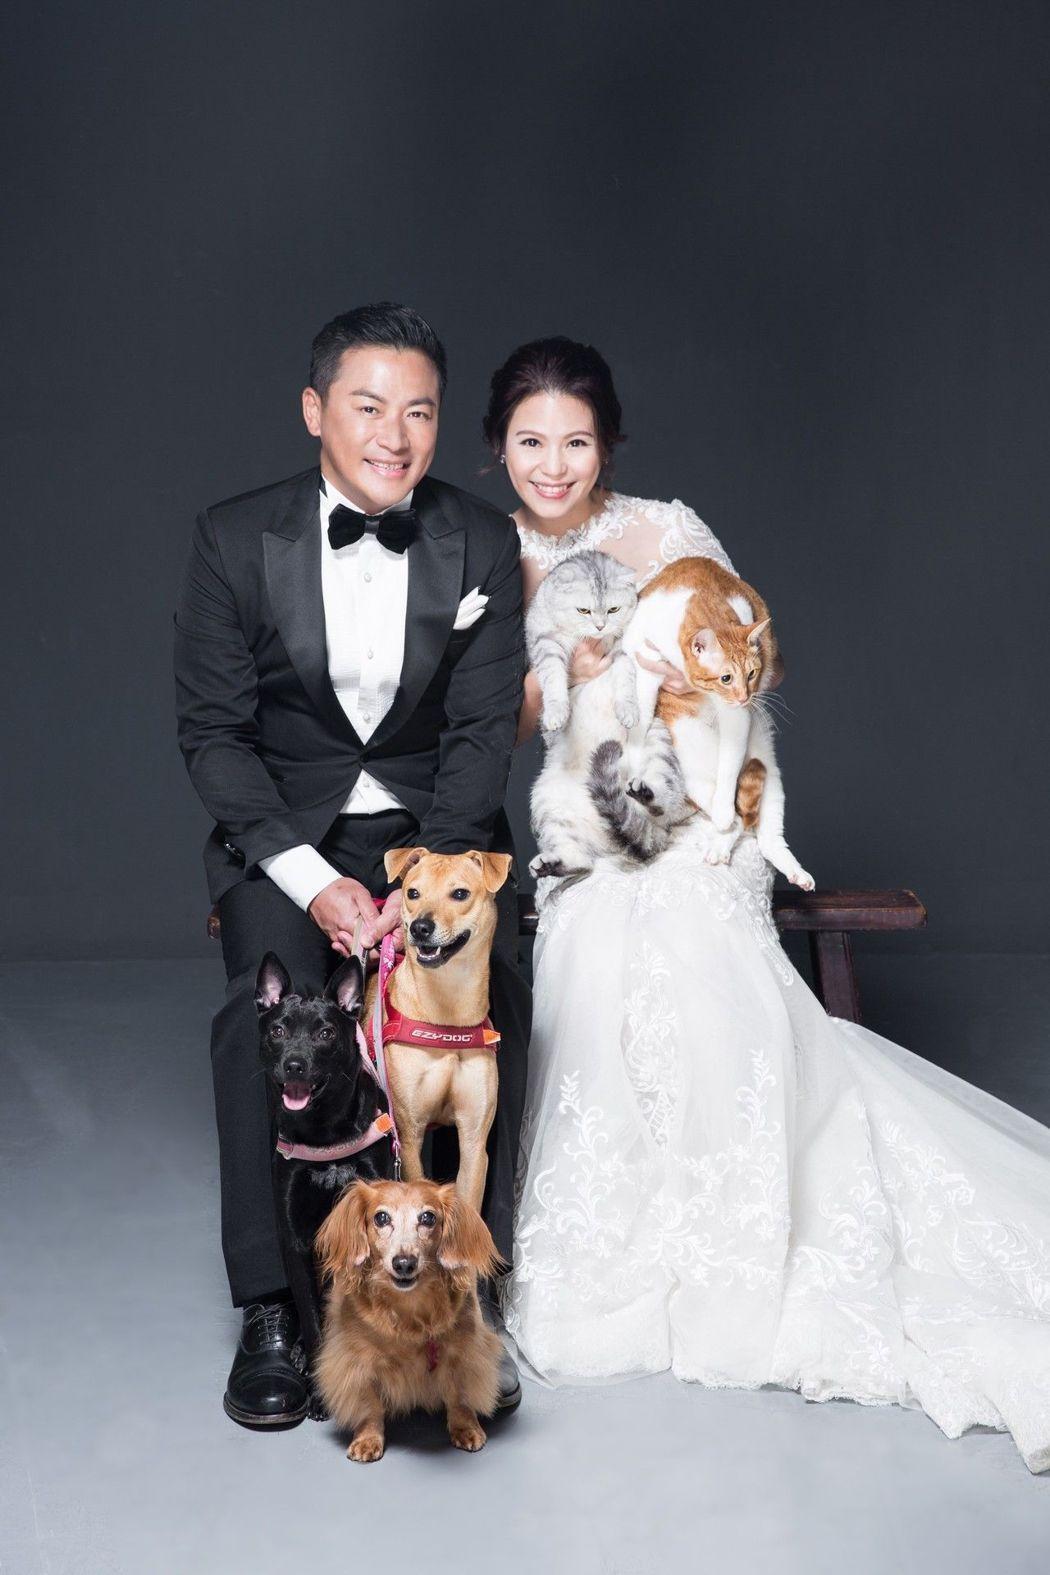 江宏恩迎娶小6歲老婆Vanessa,小倆口笑得幸福開心。圖/蘇菲雅提供